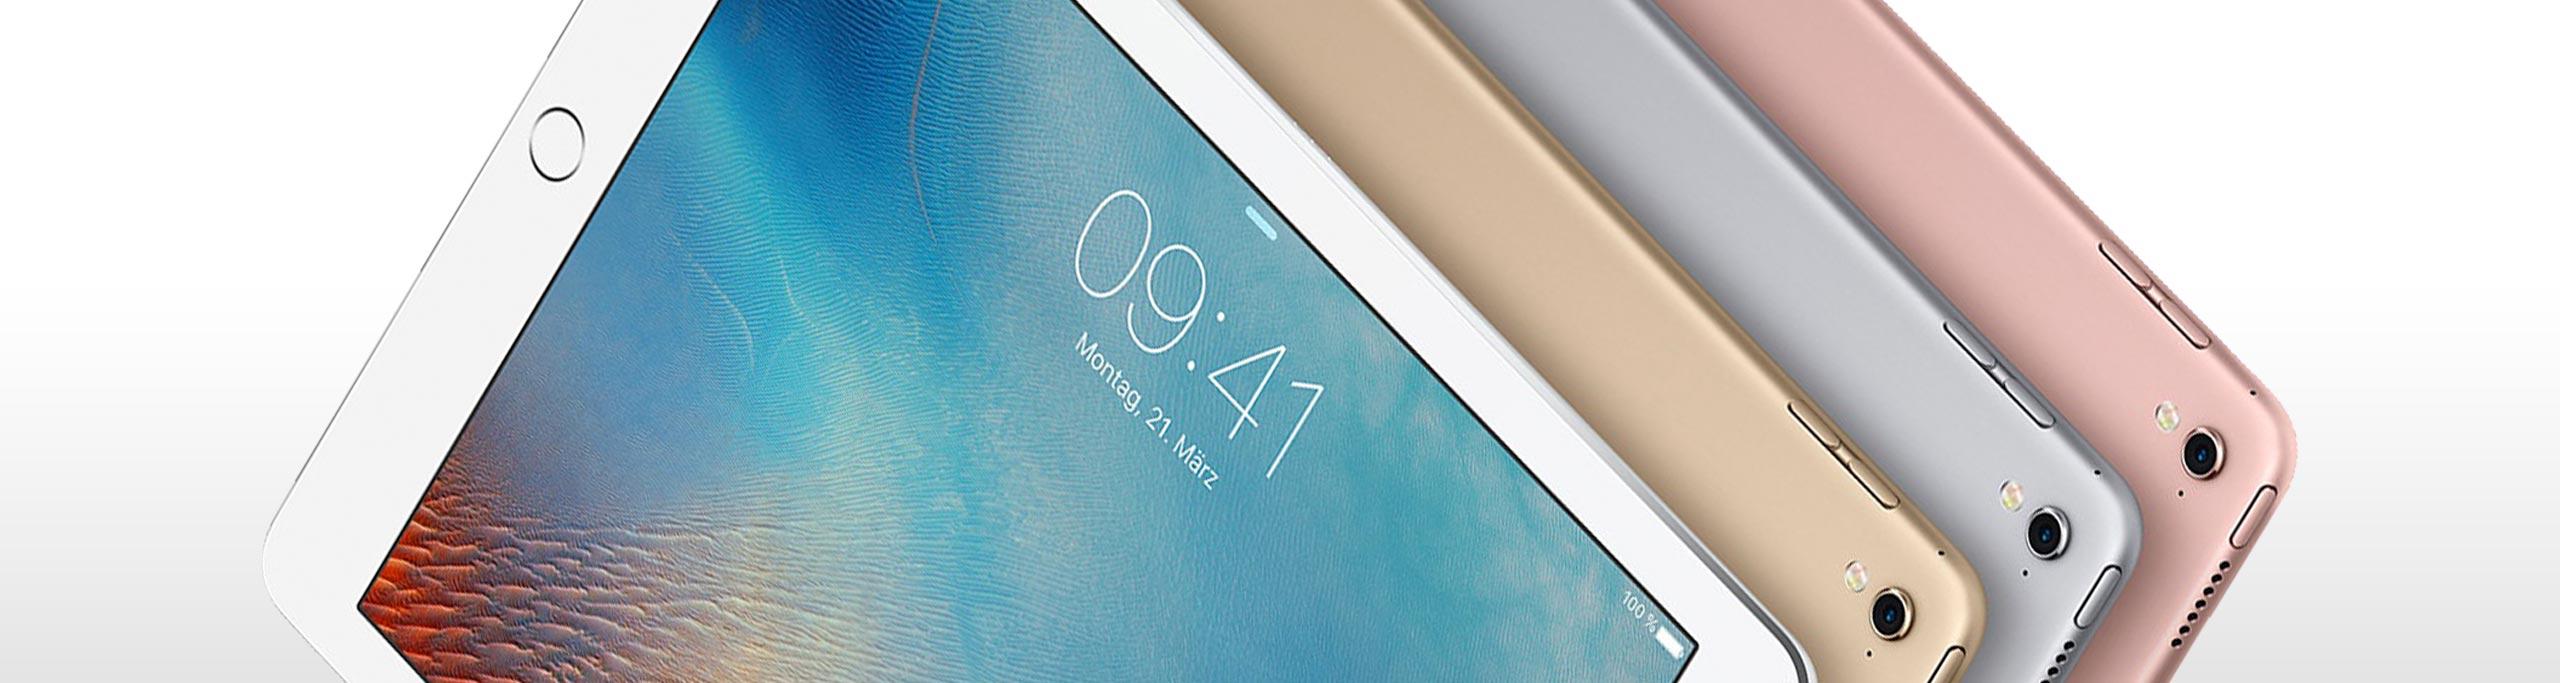 """iPad 2017 9.7"""" (A1822/A1823)"""